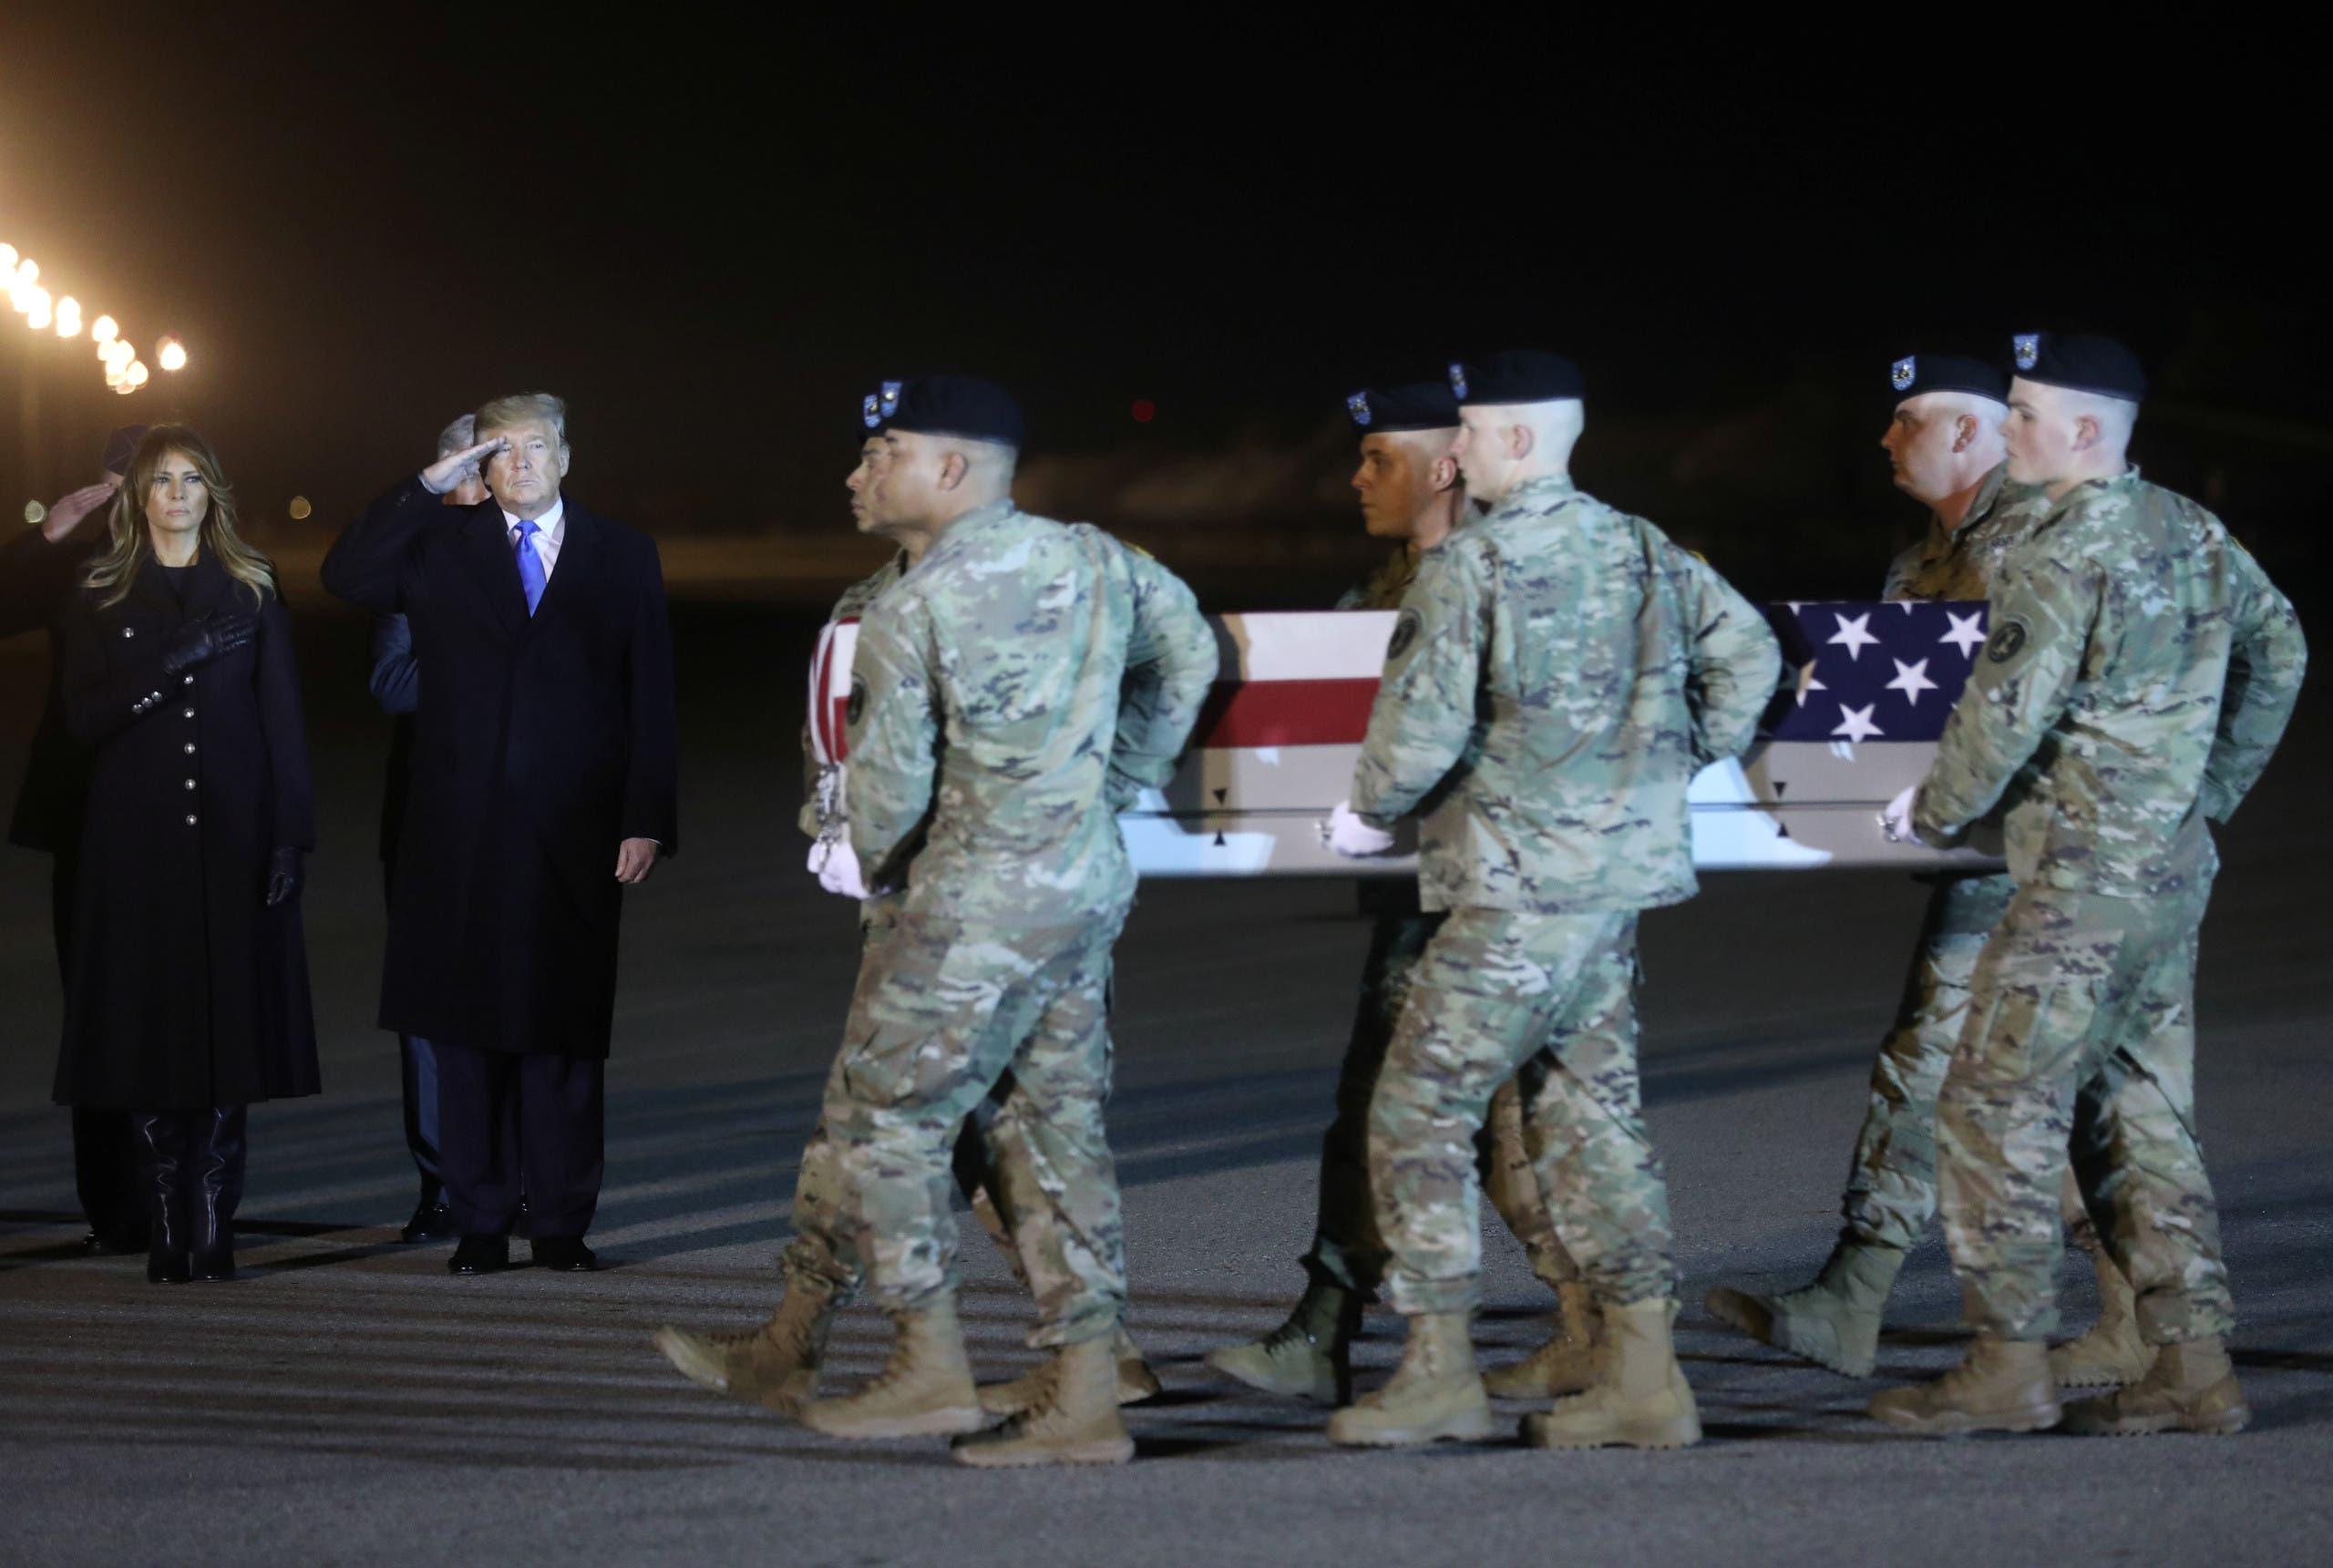 تشييع جندي أميركي قضى في أفغانستان (أرشيفية- رويترز)